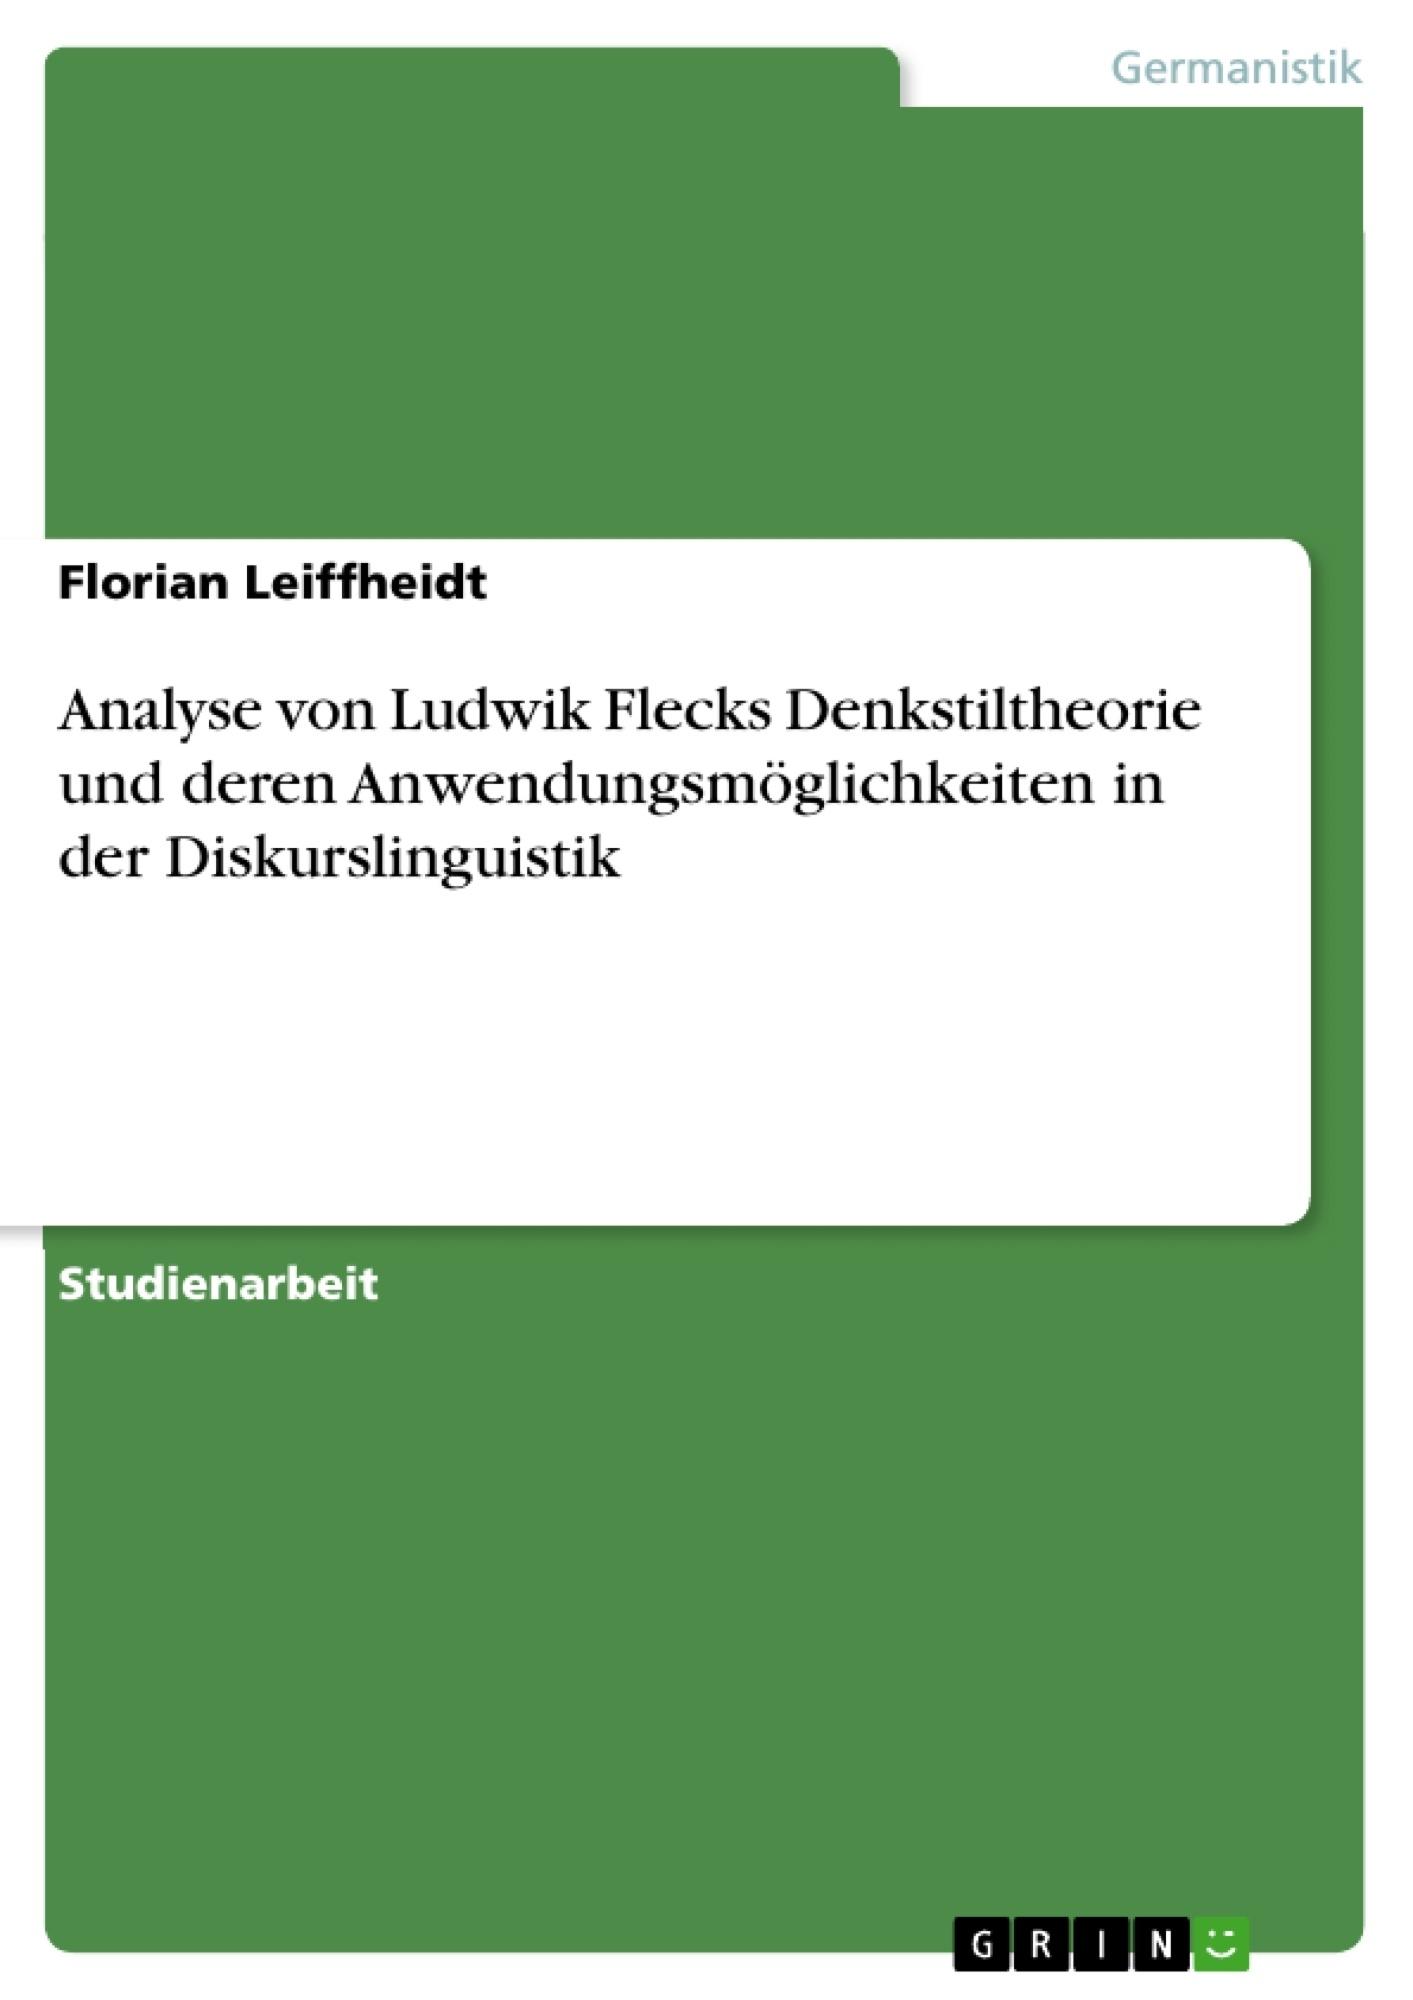 Titel: Analyse von Ludwik Flecks Denkstiltheorie und deren Anwendungsmöglichkeiten in der Diskurslinguistik